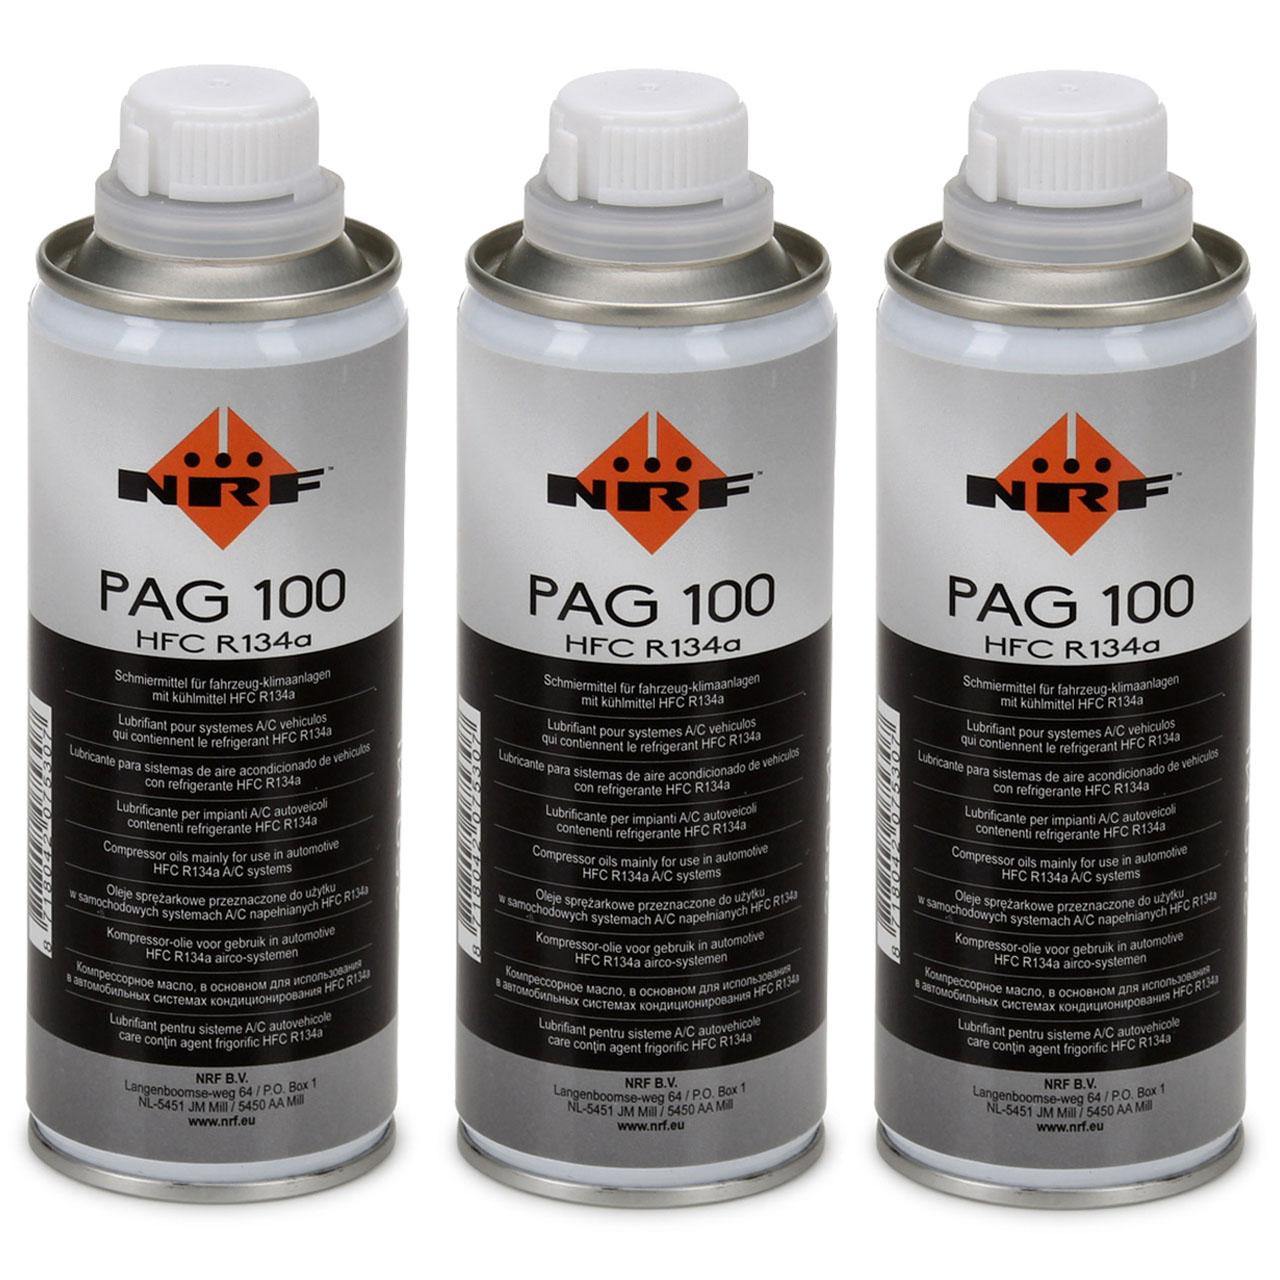 NRF 38816 Kompressor Öl Kompressoröl Klimaanlagenöl PAG 100 HFC R134a 750ml